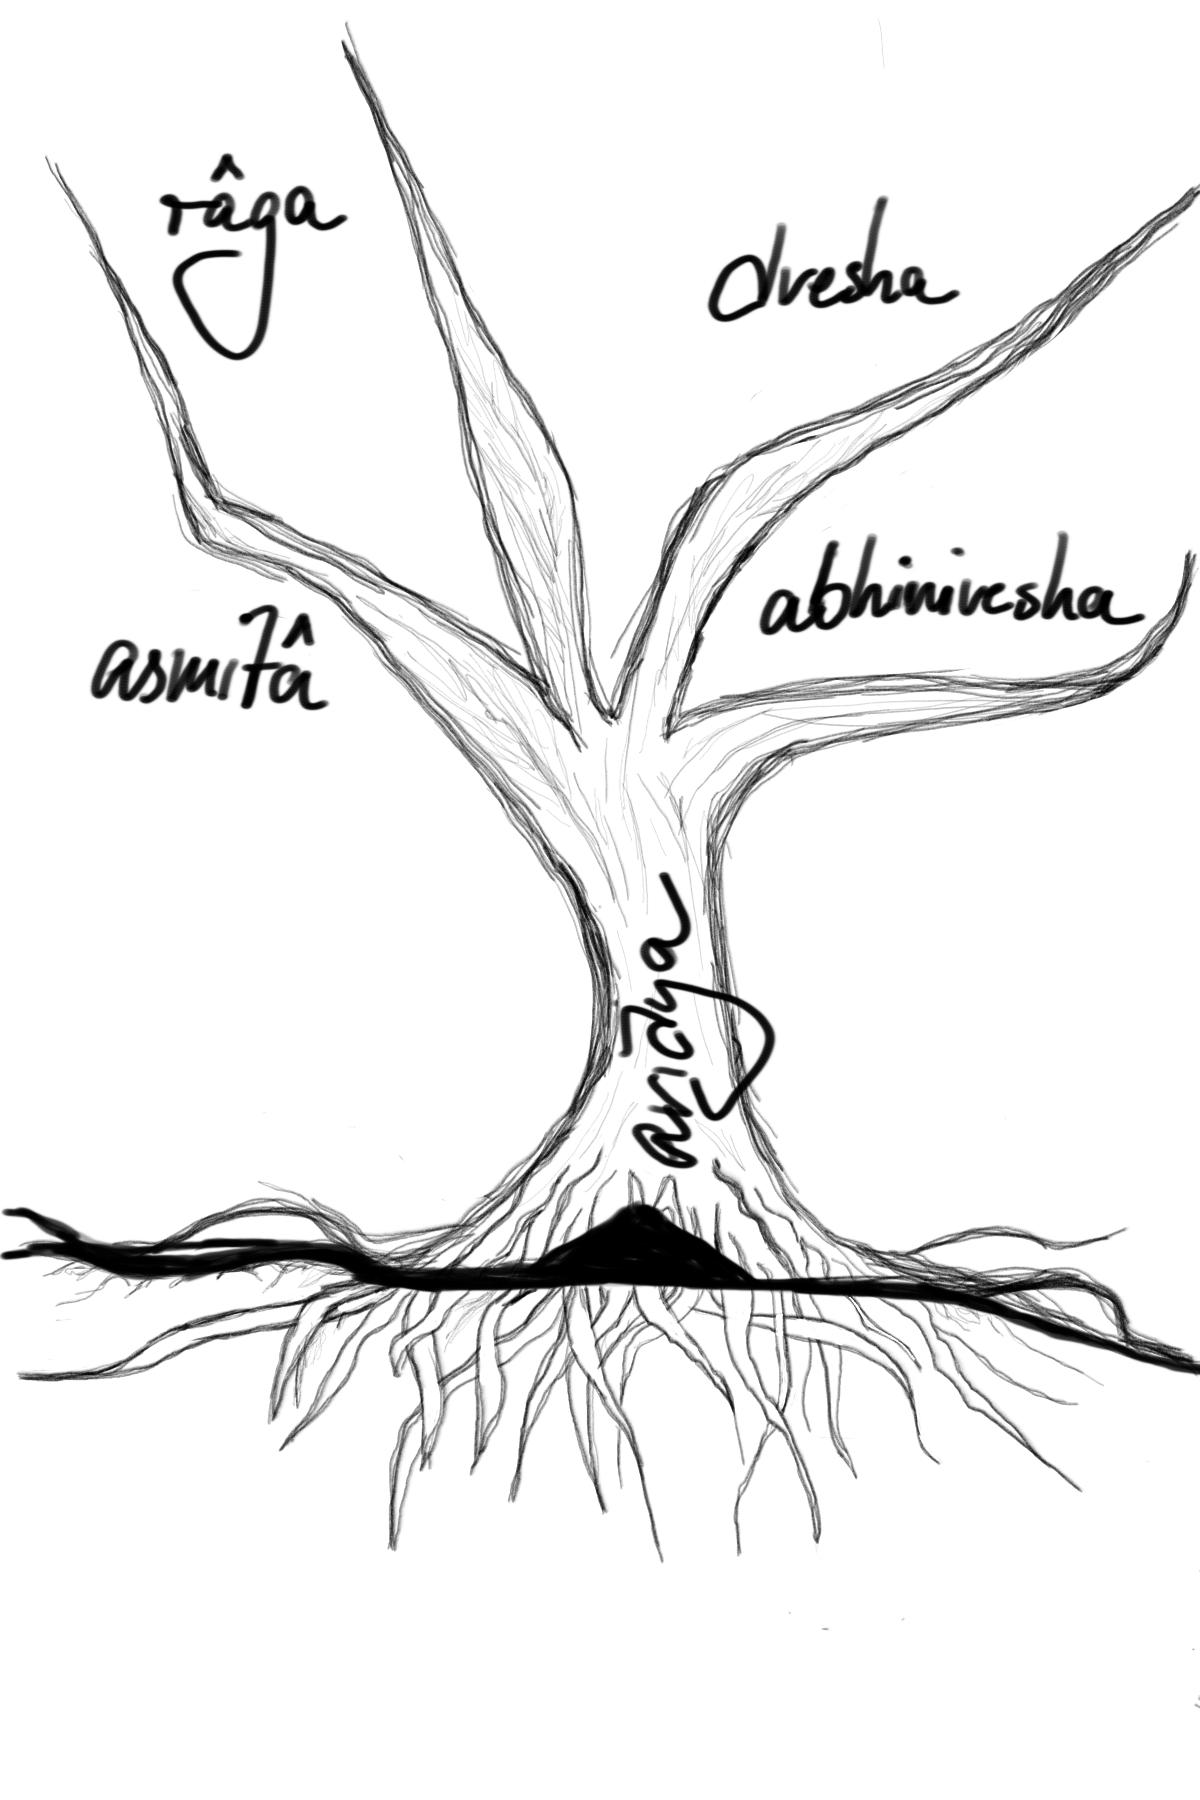 Zeichnung eines Baumes mit Wurzeln und vier Ästen - der Baum ist Avidya mit den Verästelungen raga, asmita, dvesha und abhinivesha